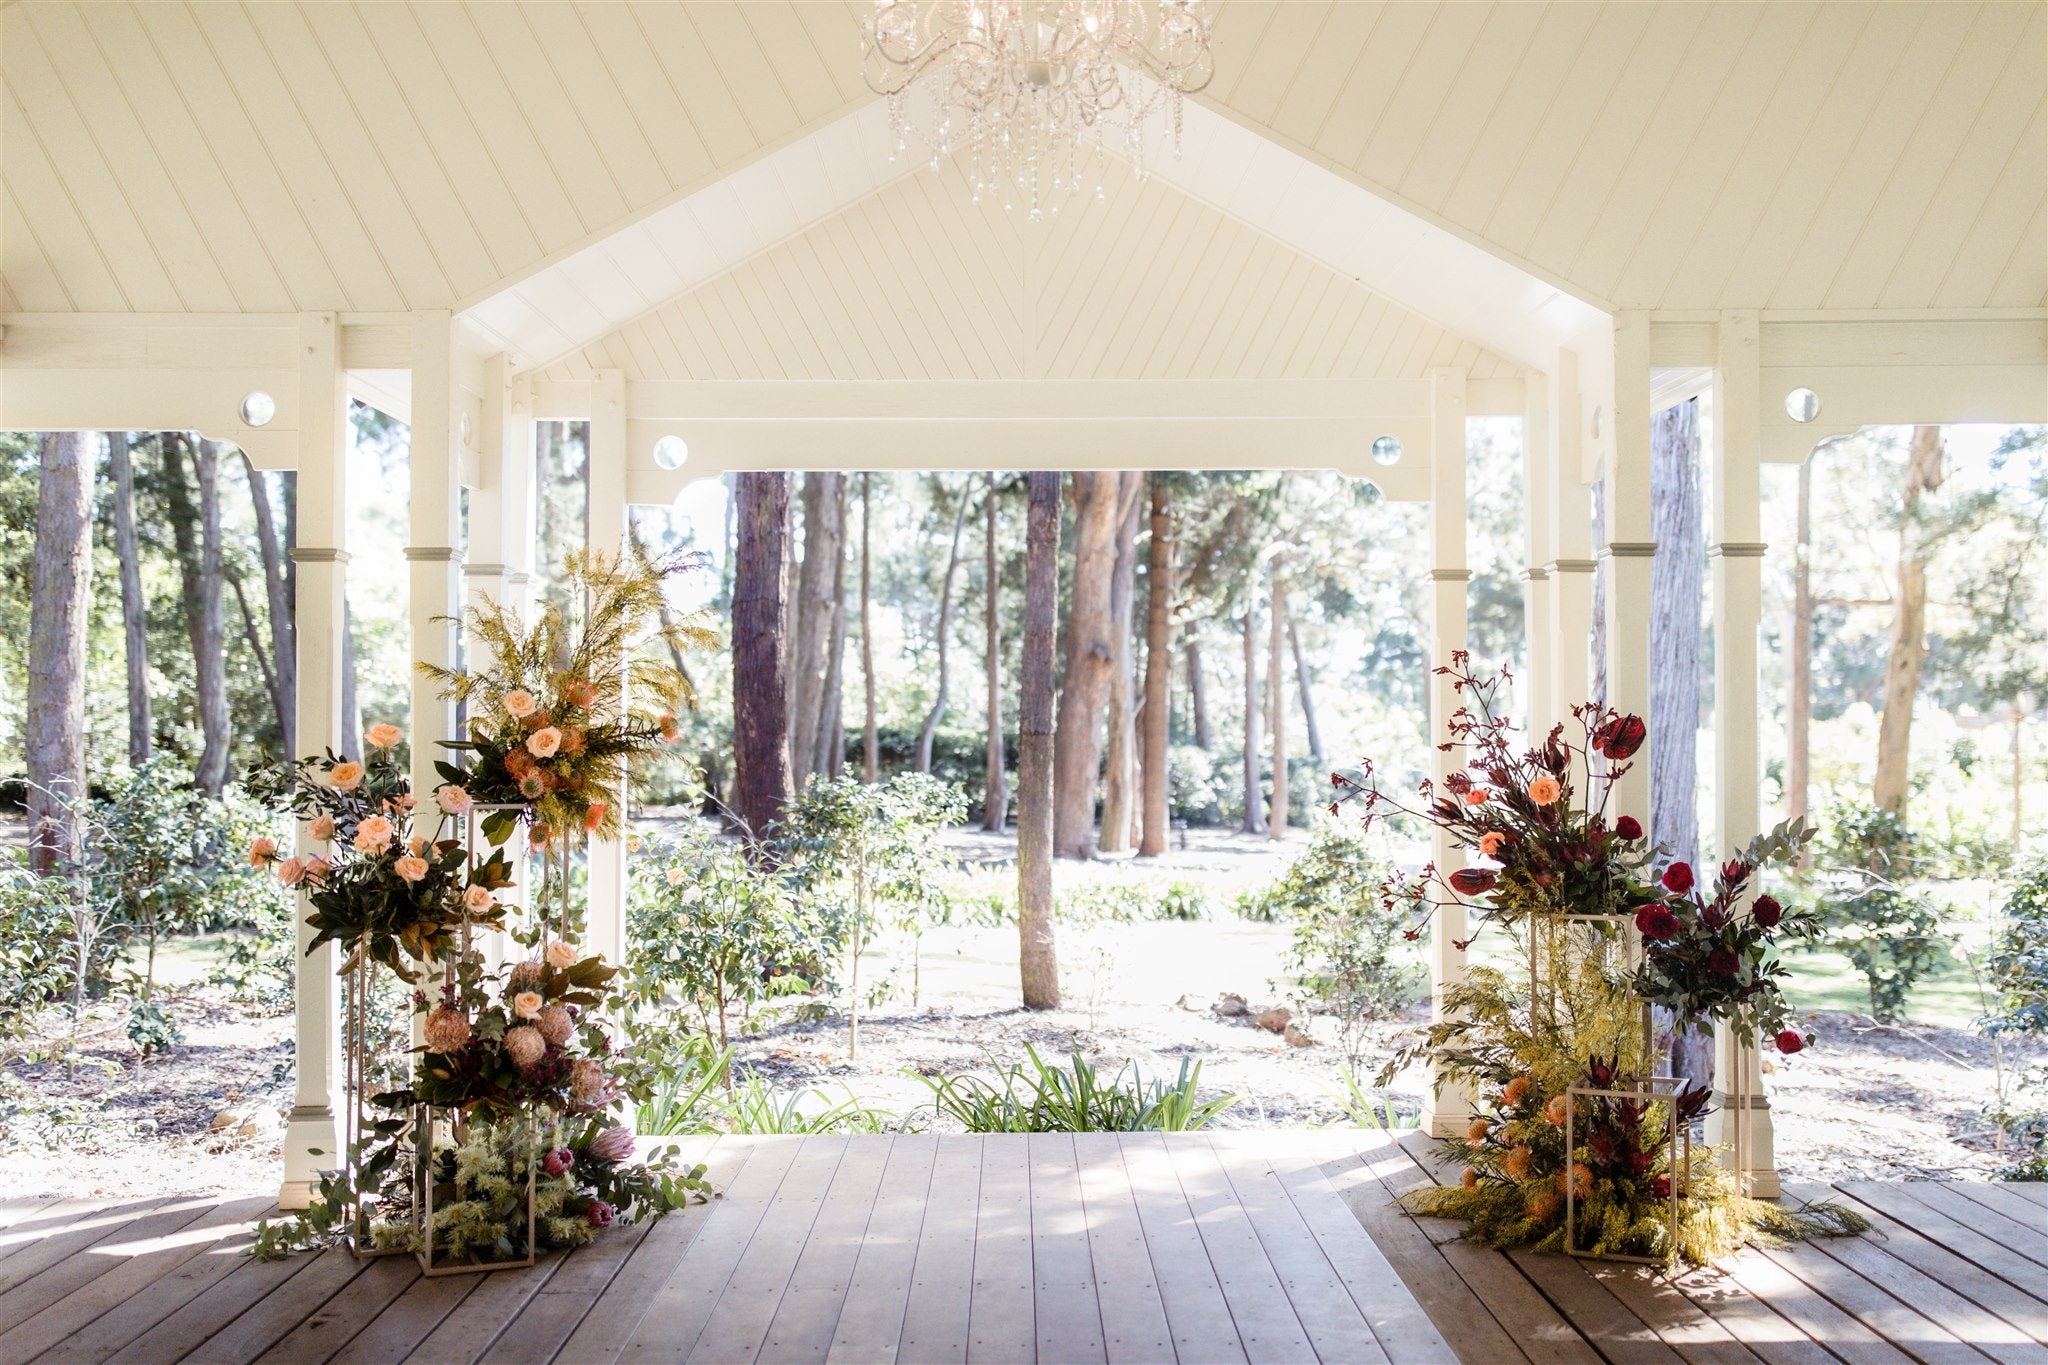 Pavillion set with a floral arrangement each side of a wedding aisle